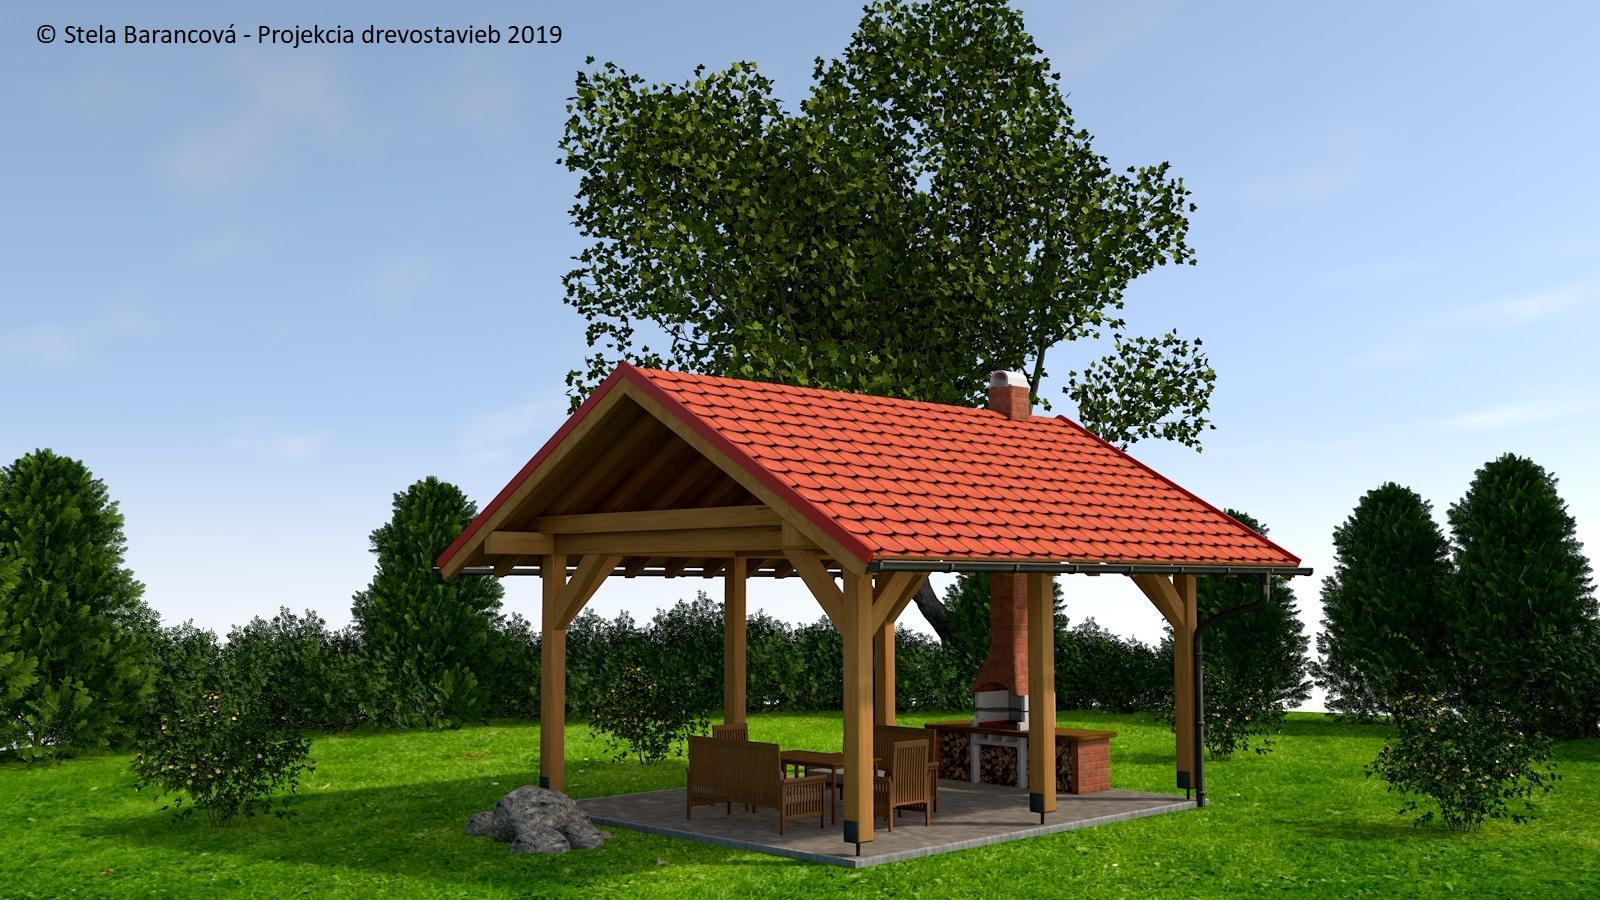 Výrobno-montážna dokumentácia carportov, pergol, záhradných domčekov a altánkov - Obrázok č. 1